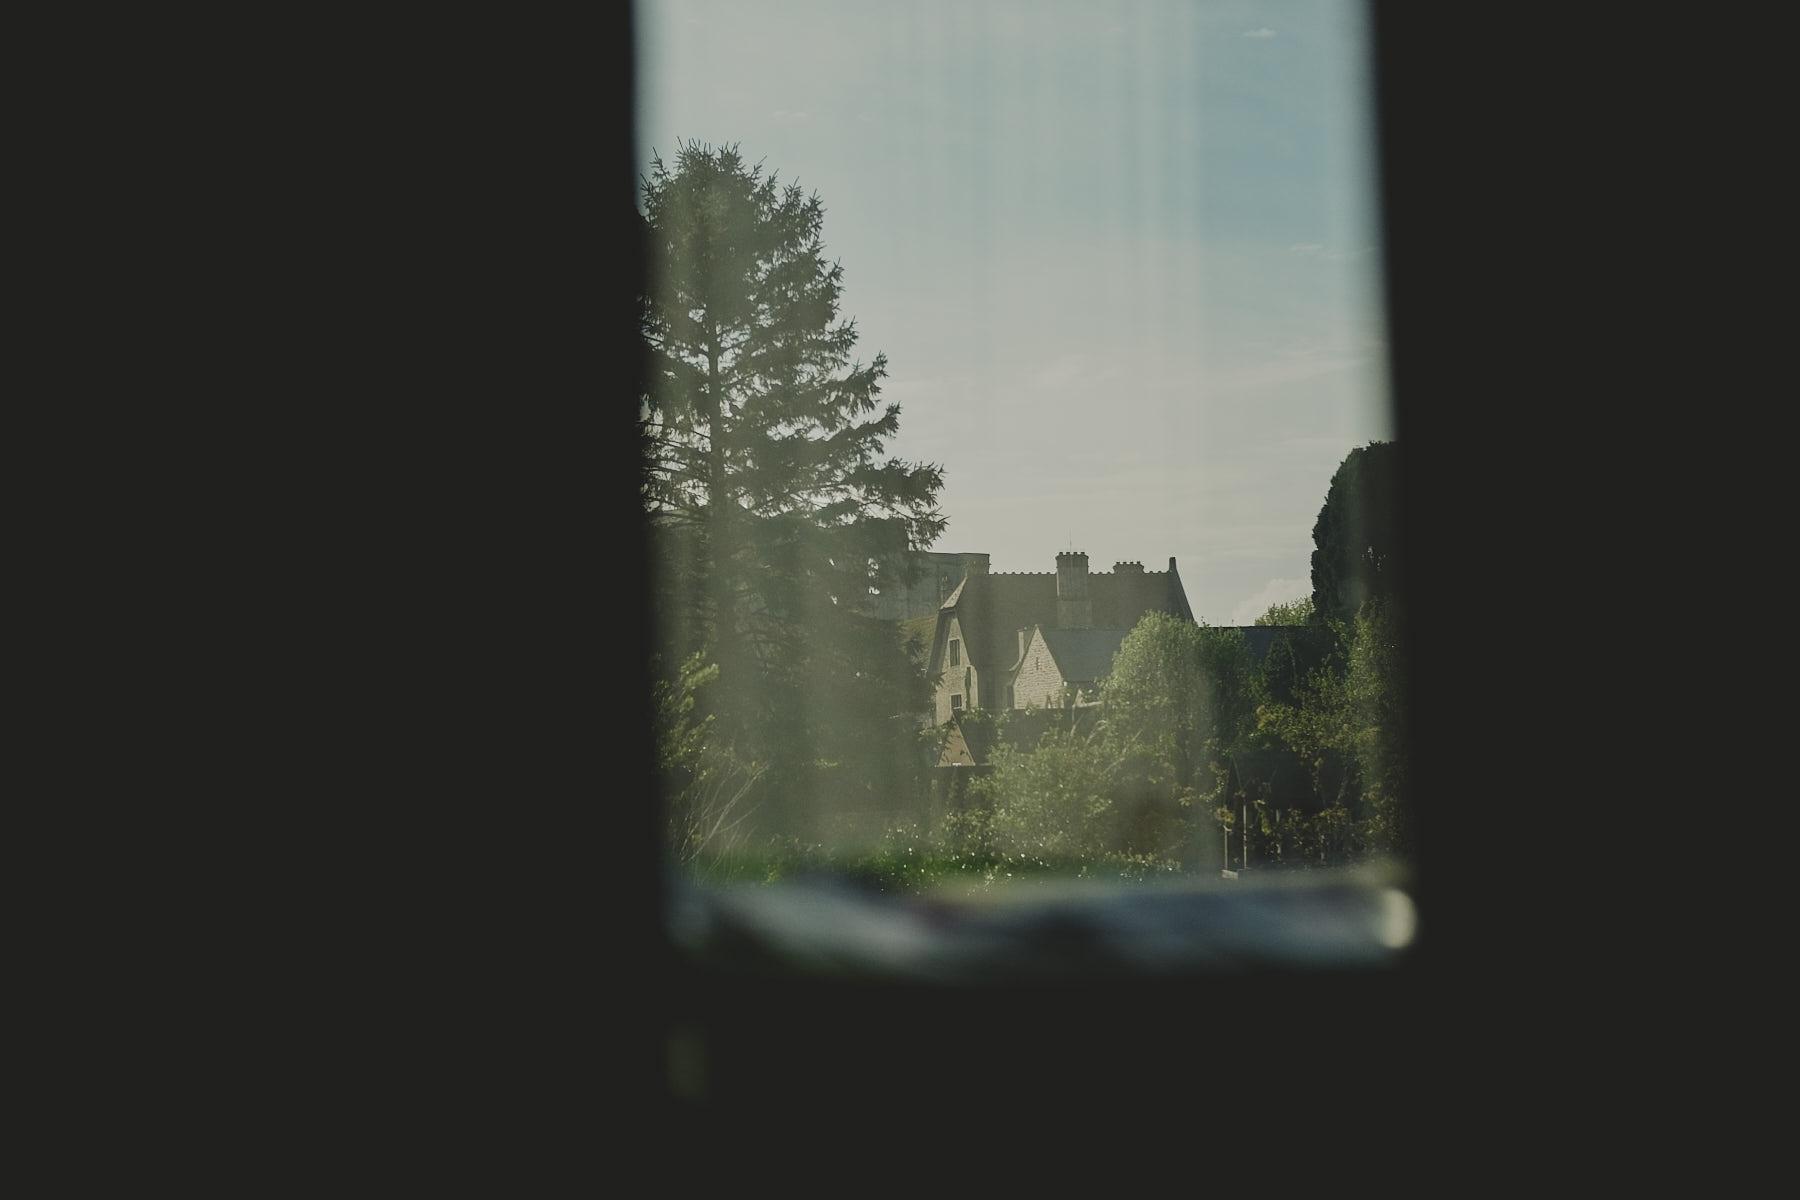 laROQUE-Malmesbury-dropin-008.jpg